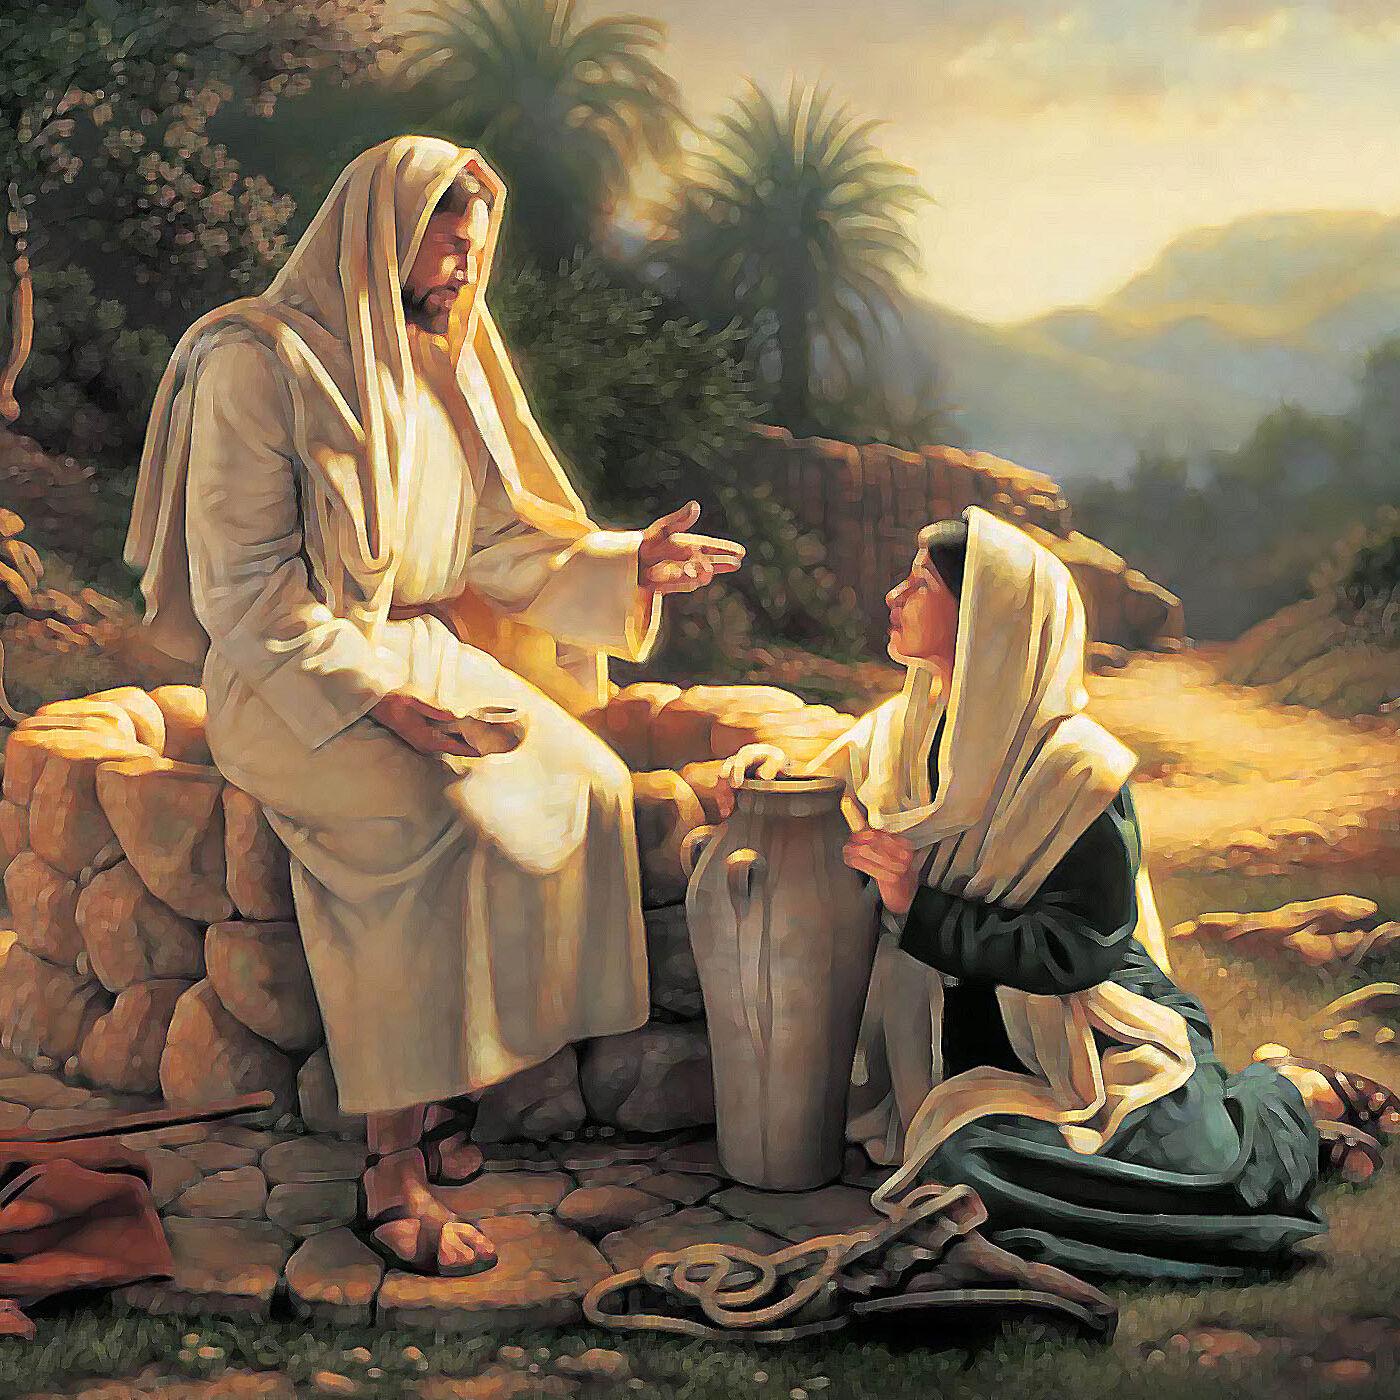 riflessioni sul Vangelo di Lunedì 8 Febbraio 2021 (Mc 6, 53-56)